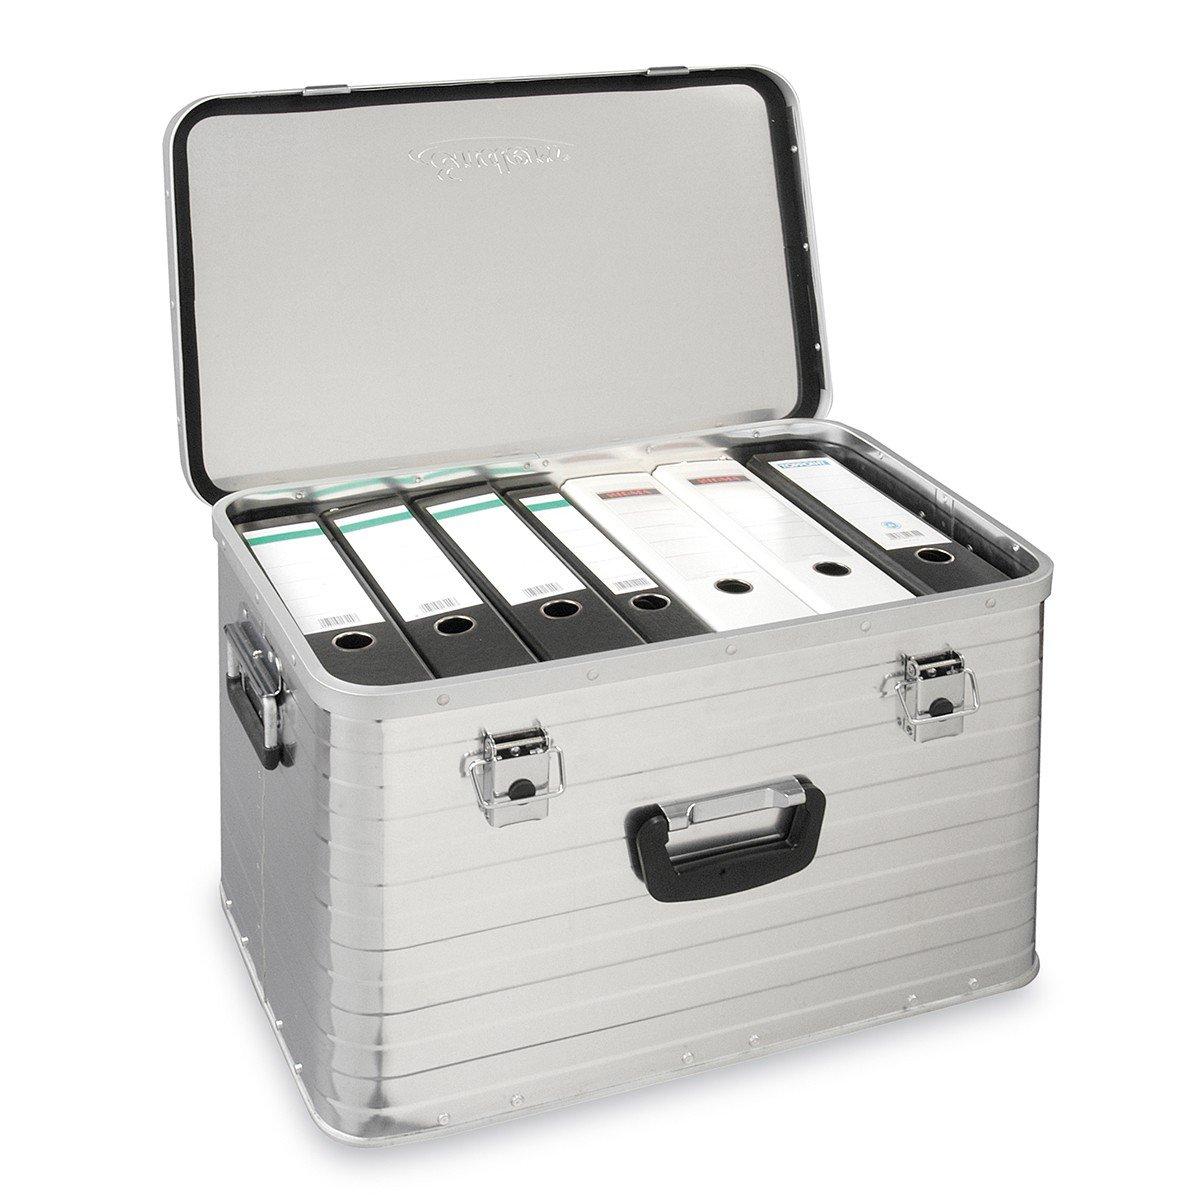 Alukiste flexibel verwendbar als Transportbox und Lagerbox hochwertig verarbeitet Enders Aluboxen Set 29 und 63 Liter Schloss Set mit Moosgummidichtung Alukoffer Lagerkisten Metallkiste Metallbox Alubox Alukisten